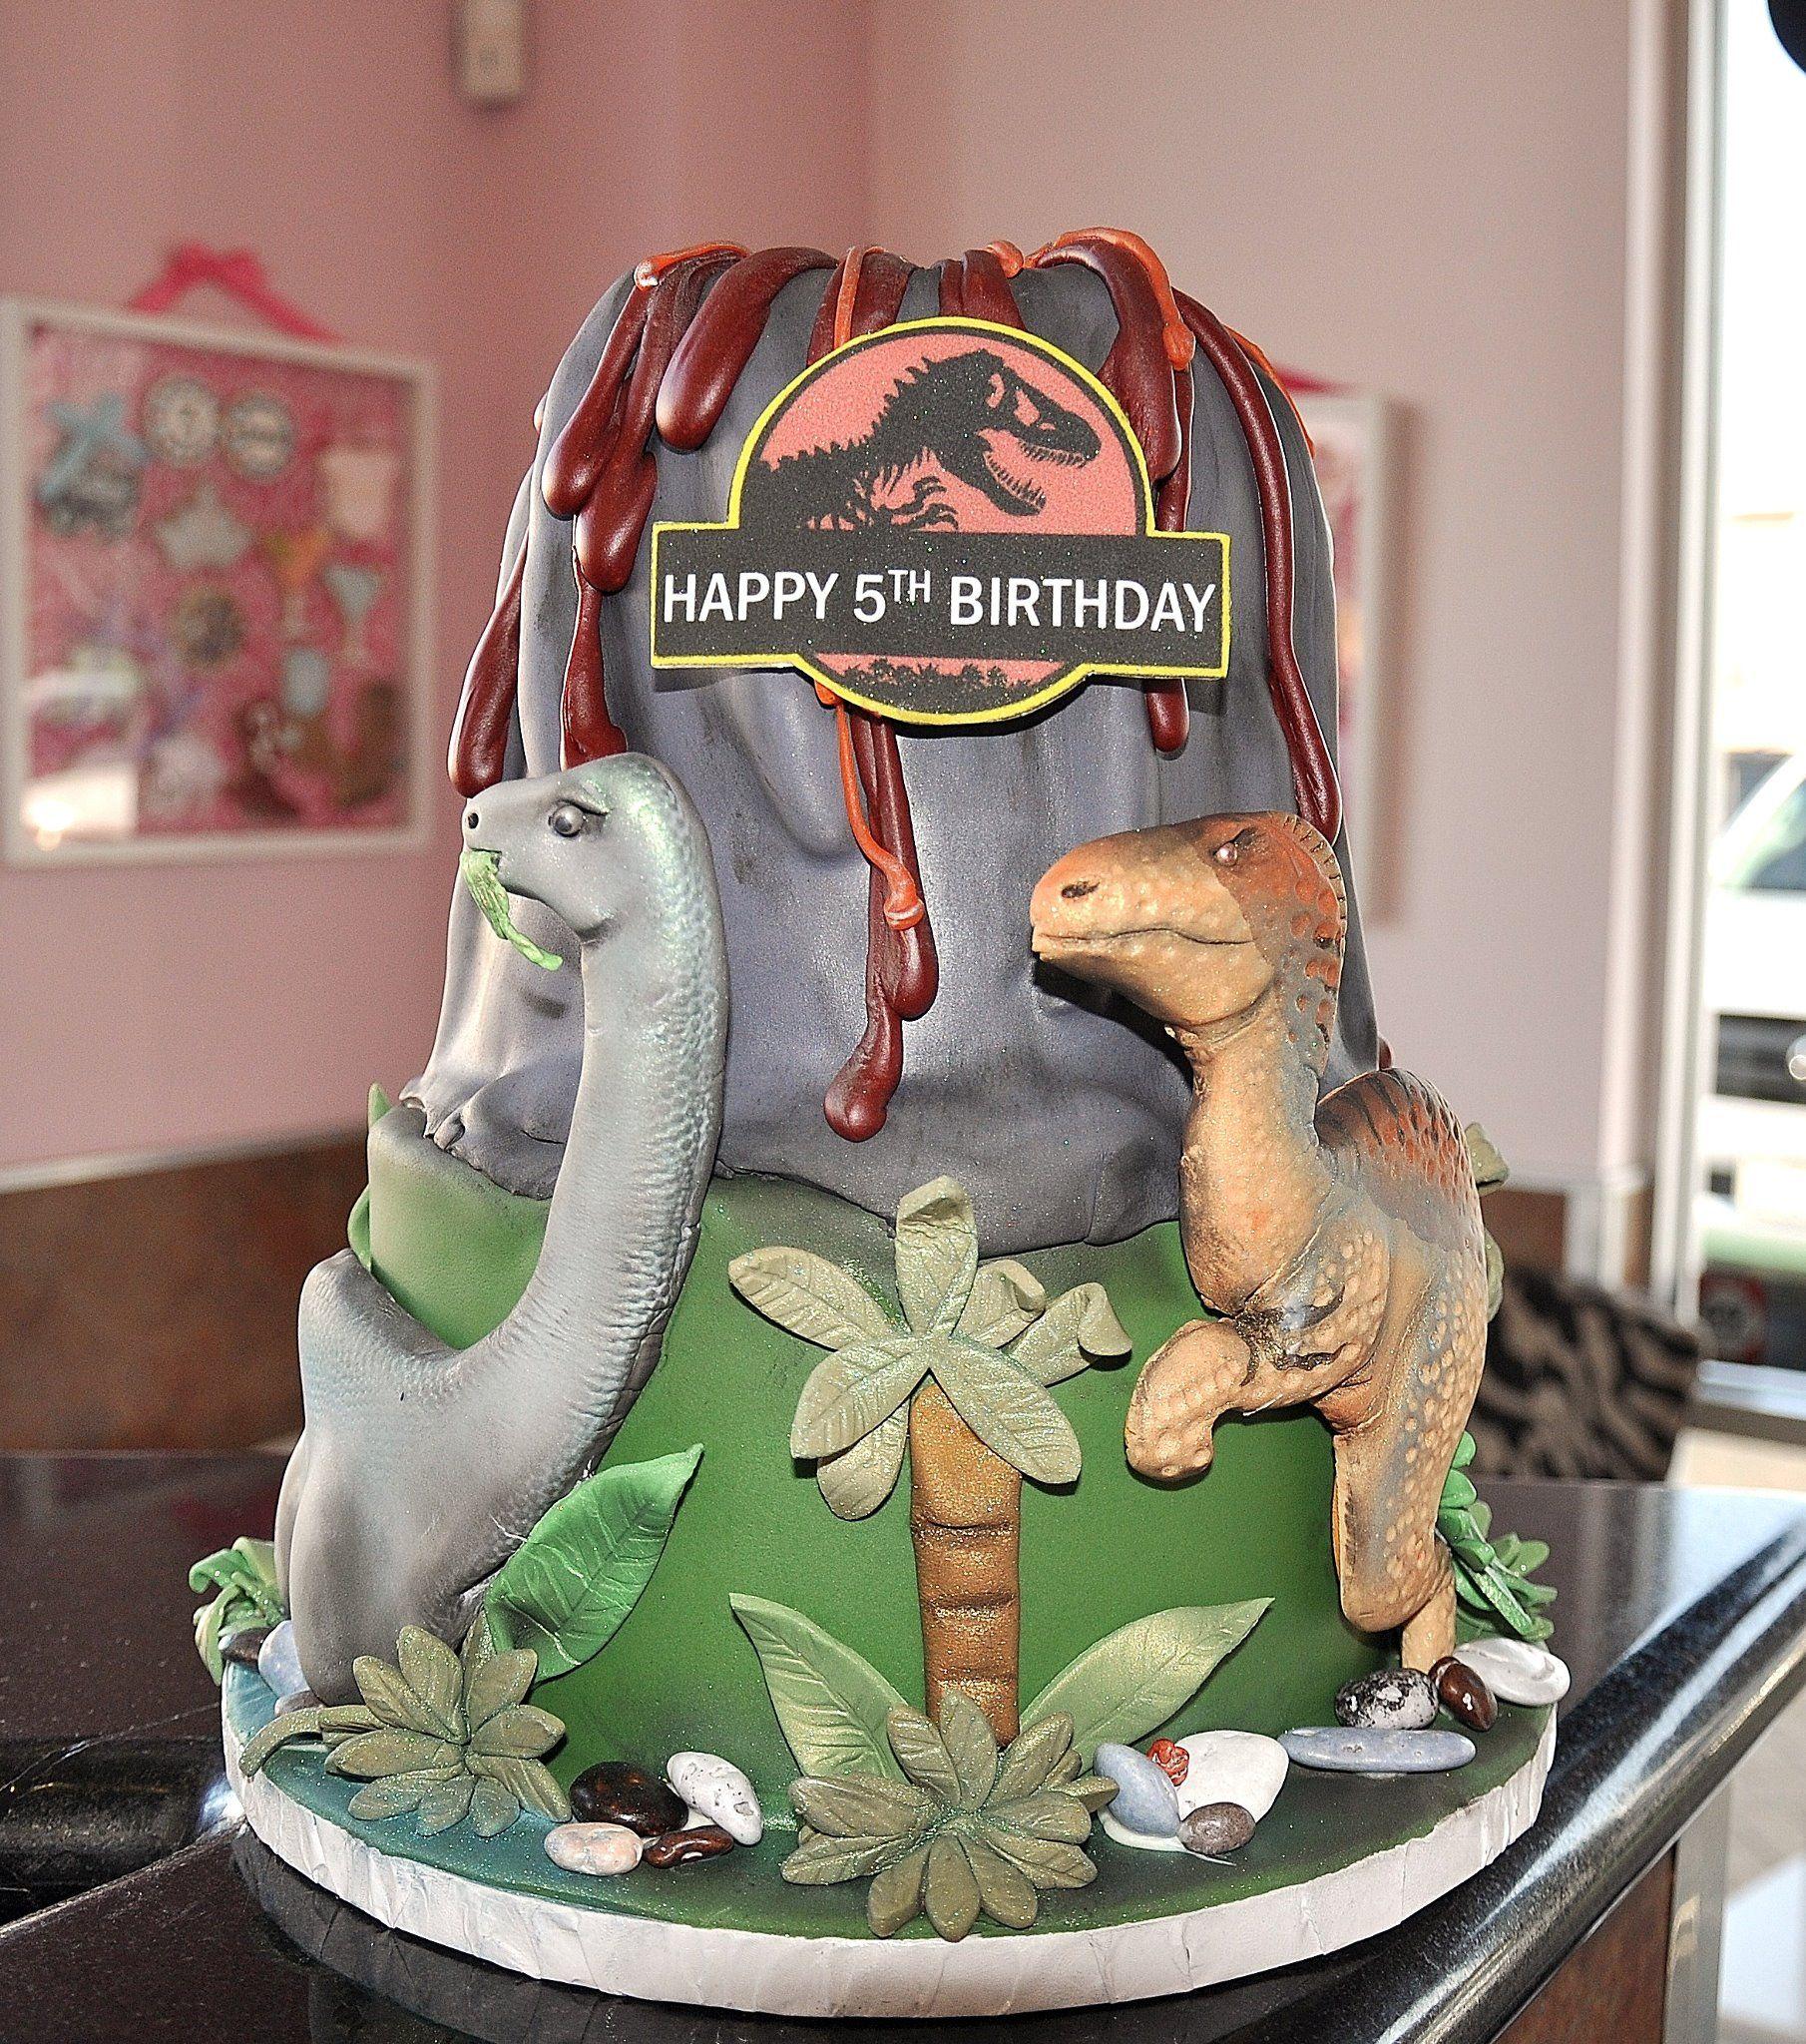 ashleycollins2 dinosaurier torte pinterest kuchen torten und fondant figuren. Black Bedroom Furniture Sets. Home Design Ideas